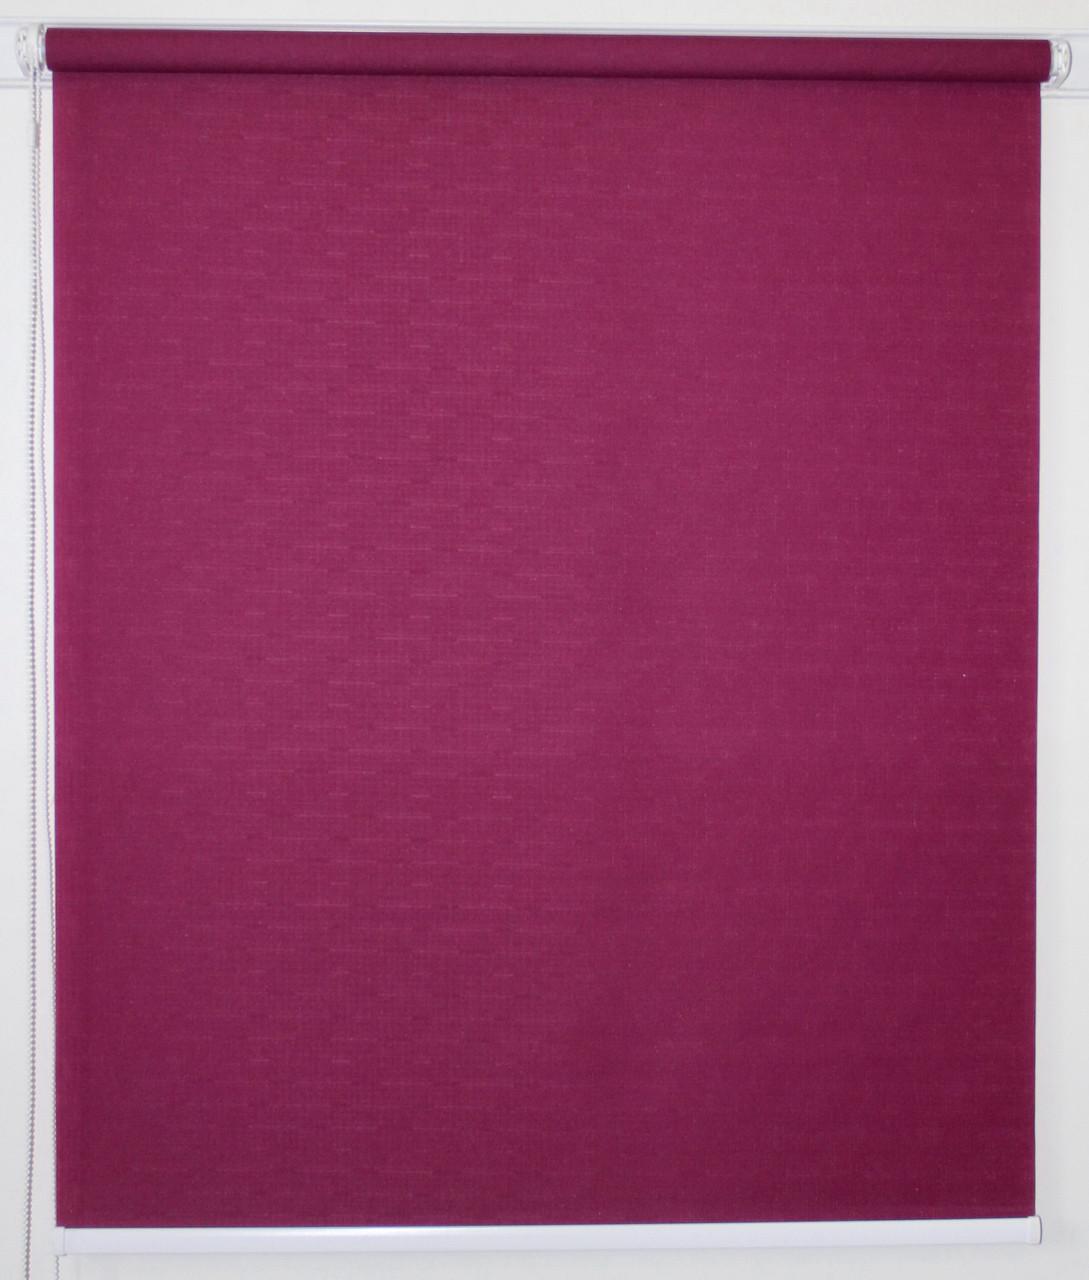 Рулонная штора 350*1500 Ткань Лён 7446 Пурпурно-красный